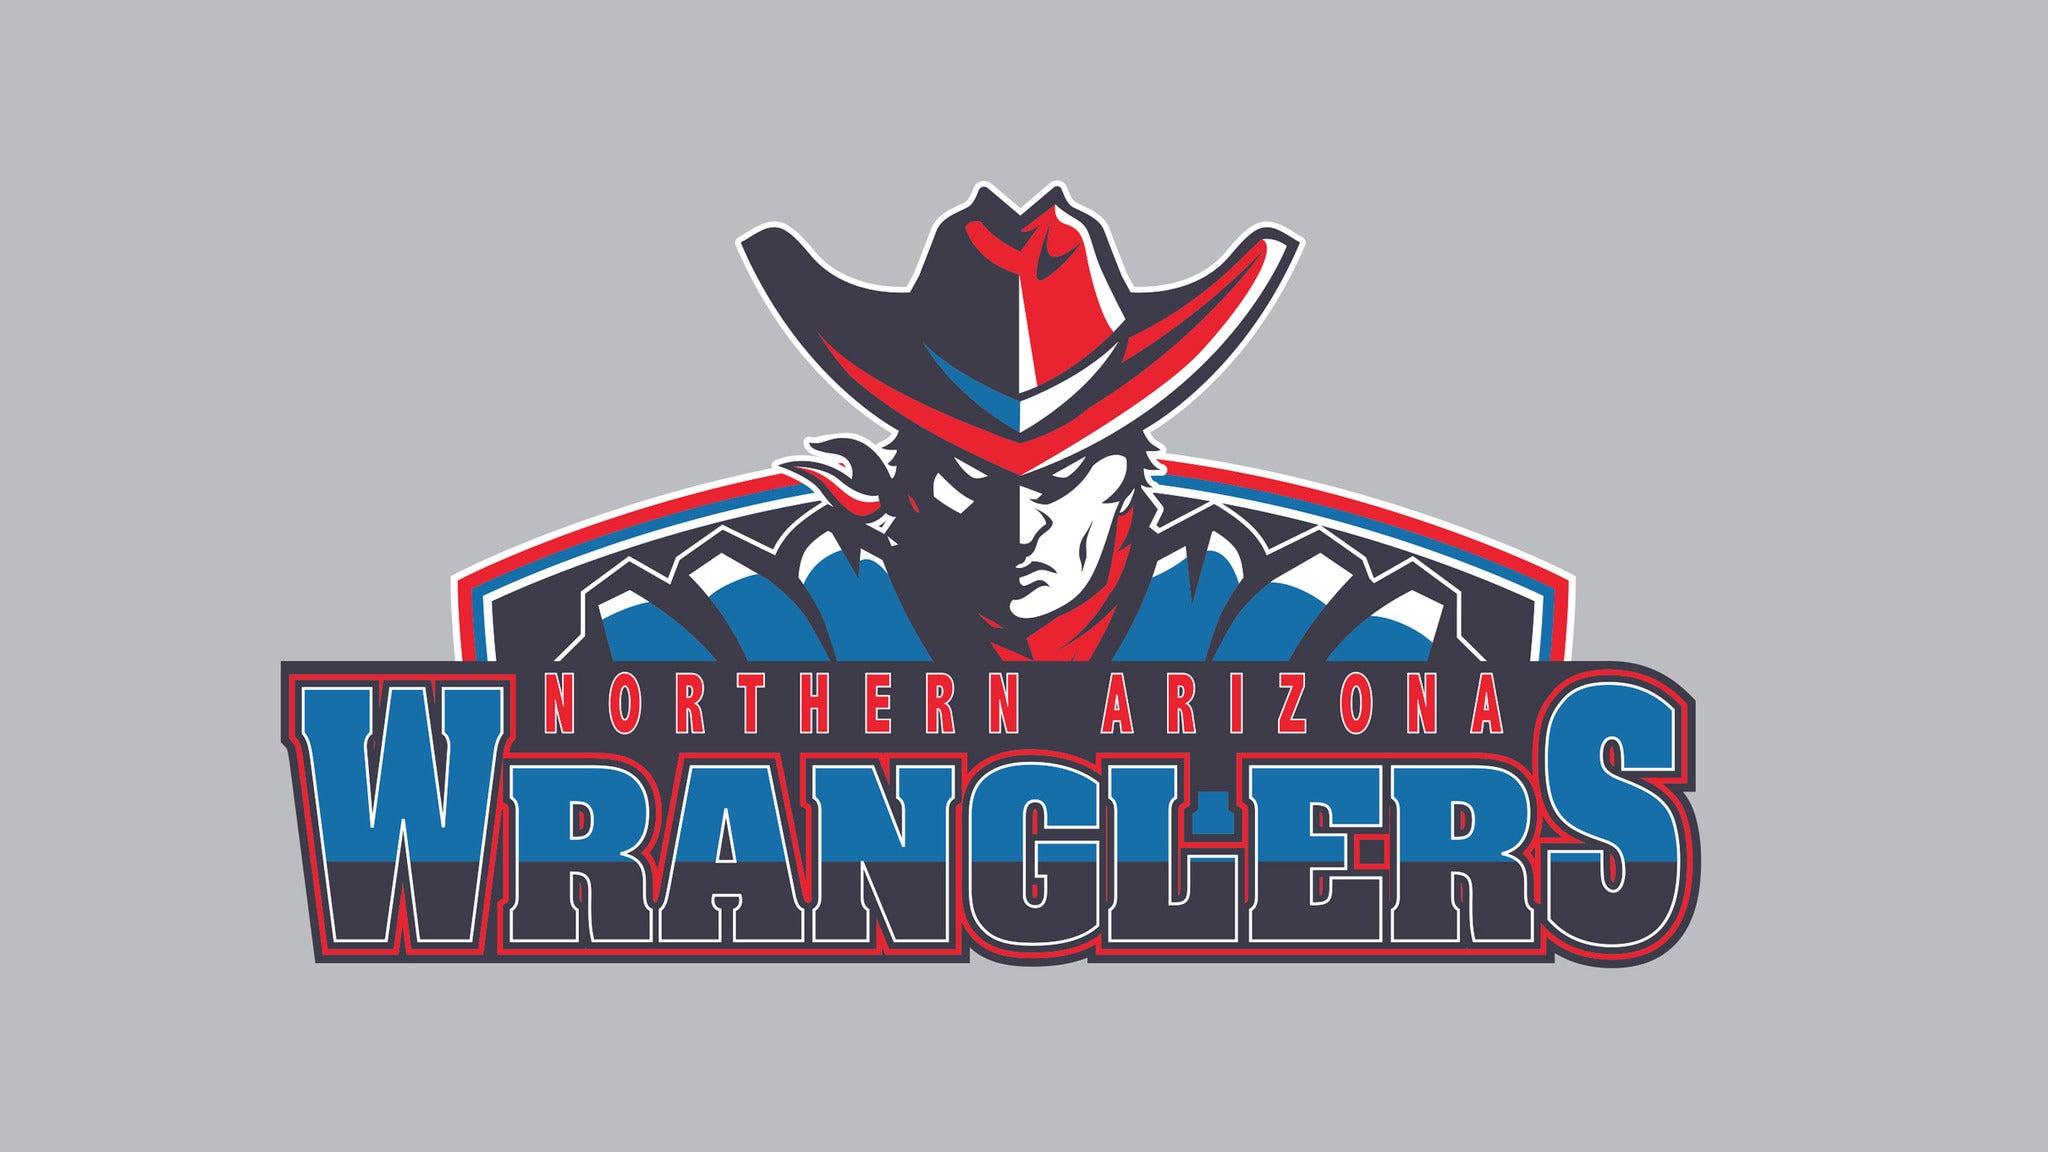 Northern Arizona Wranglers vs. Arizona Rattlers